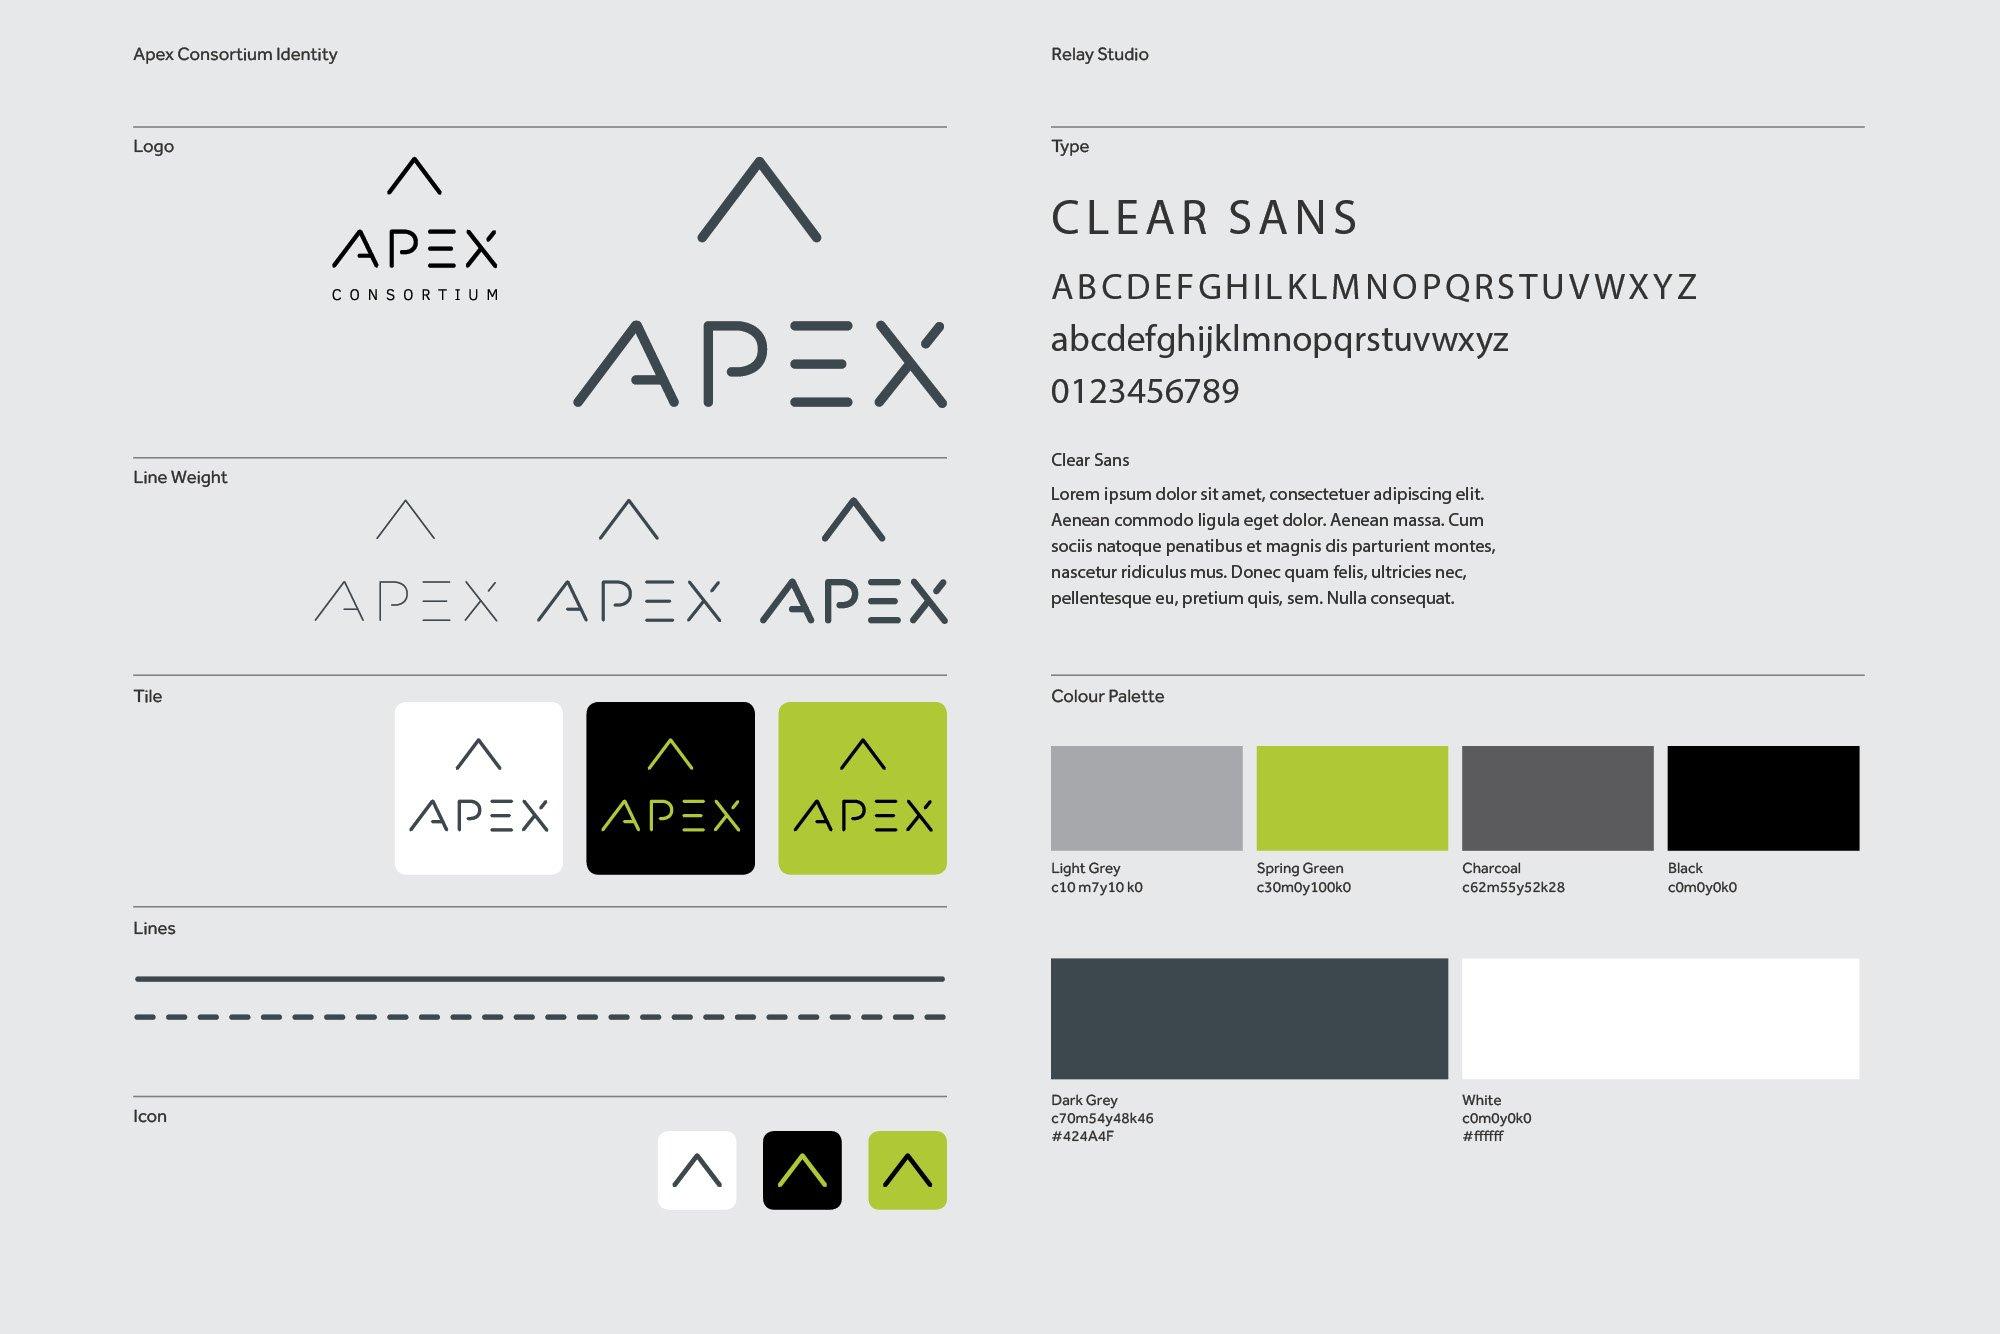 Apex Consortium Visual Identity